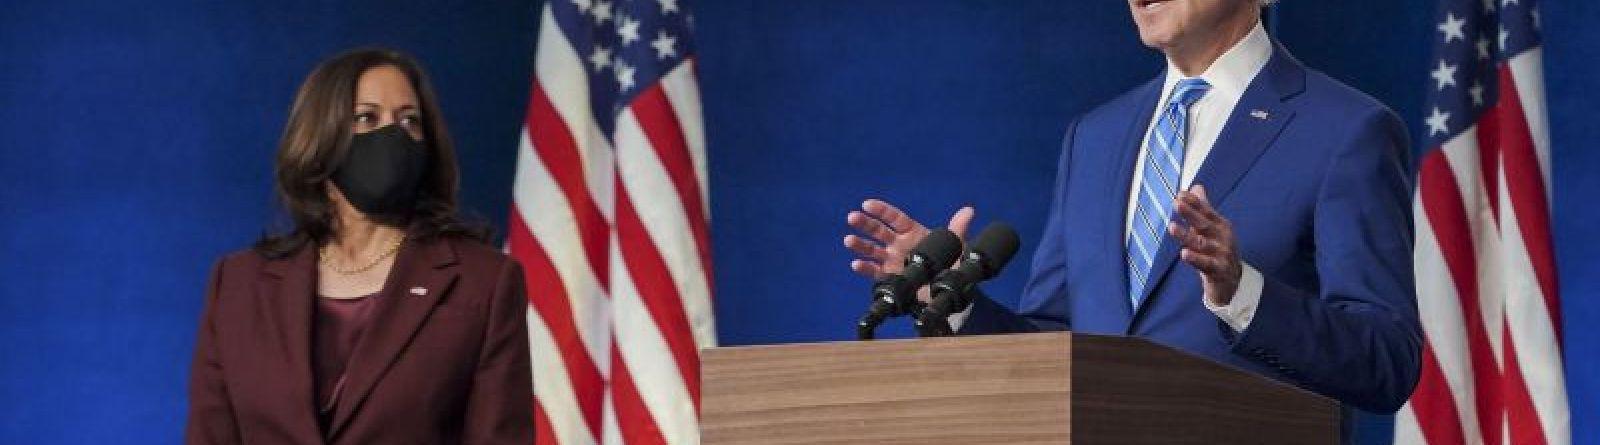 Joe Biden, nuovo presidente degli Stati Uniti